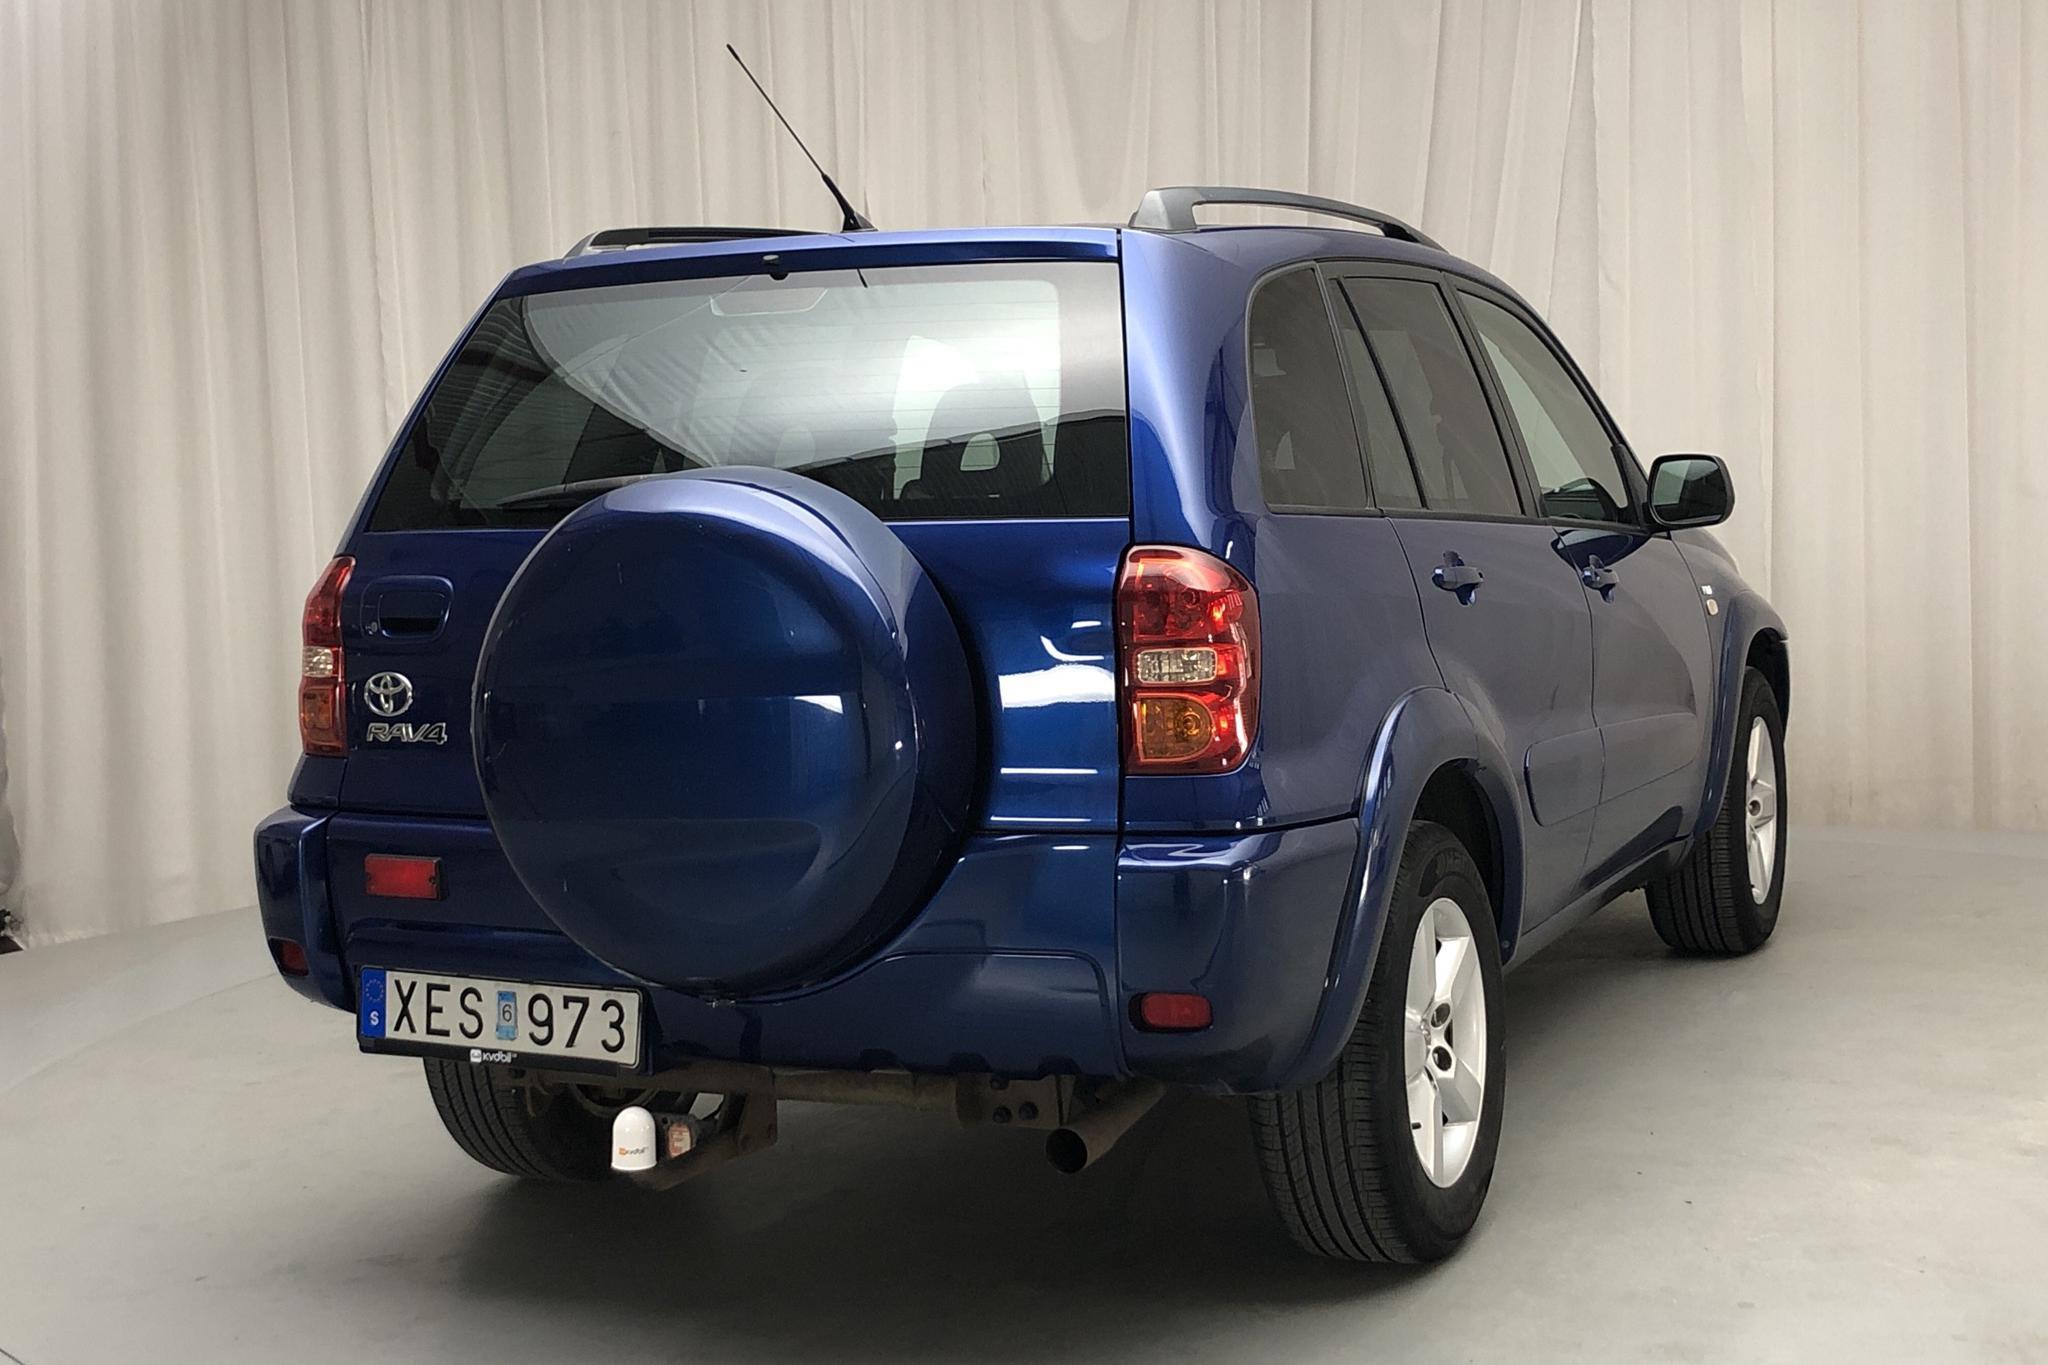 Toyota RAV4 2.0 5dr (150hk) - 18 389 mil - Manuell - blå - 2006